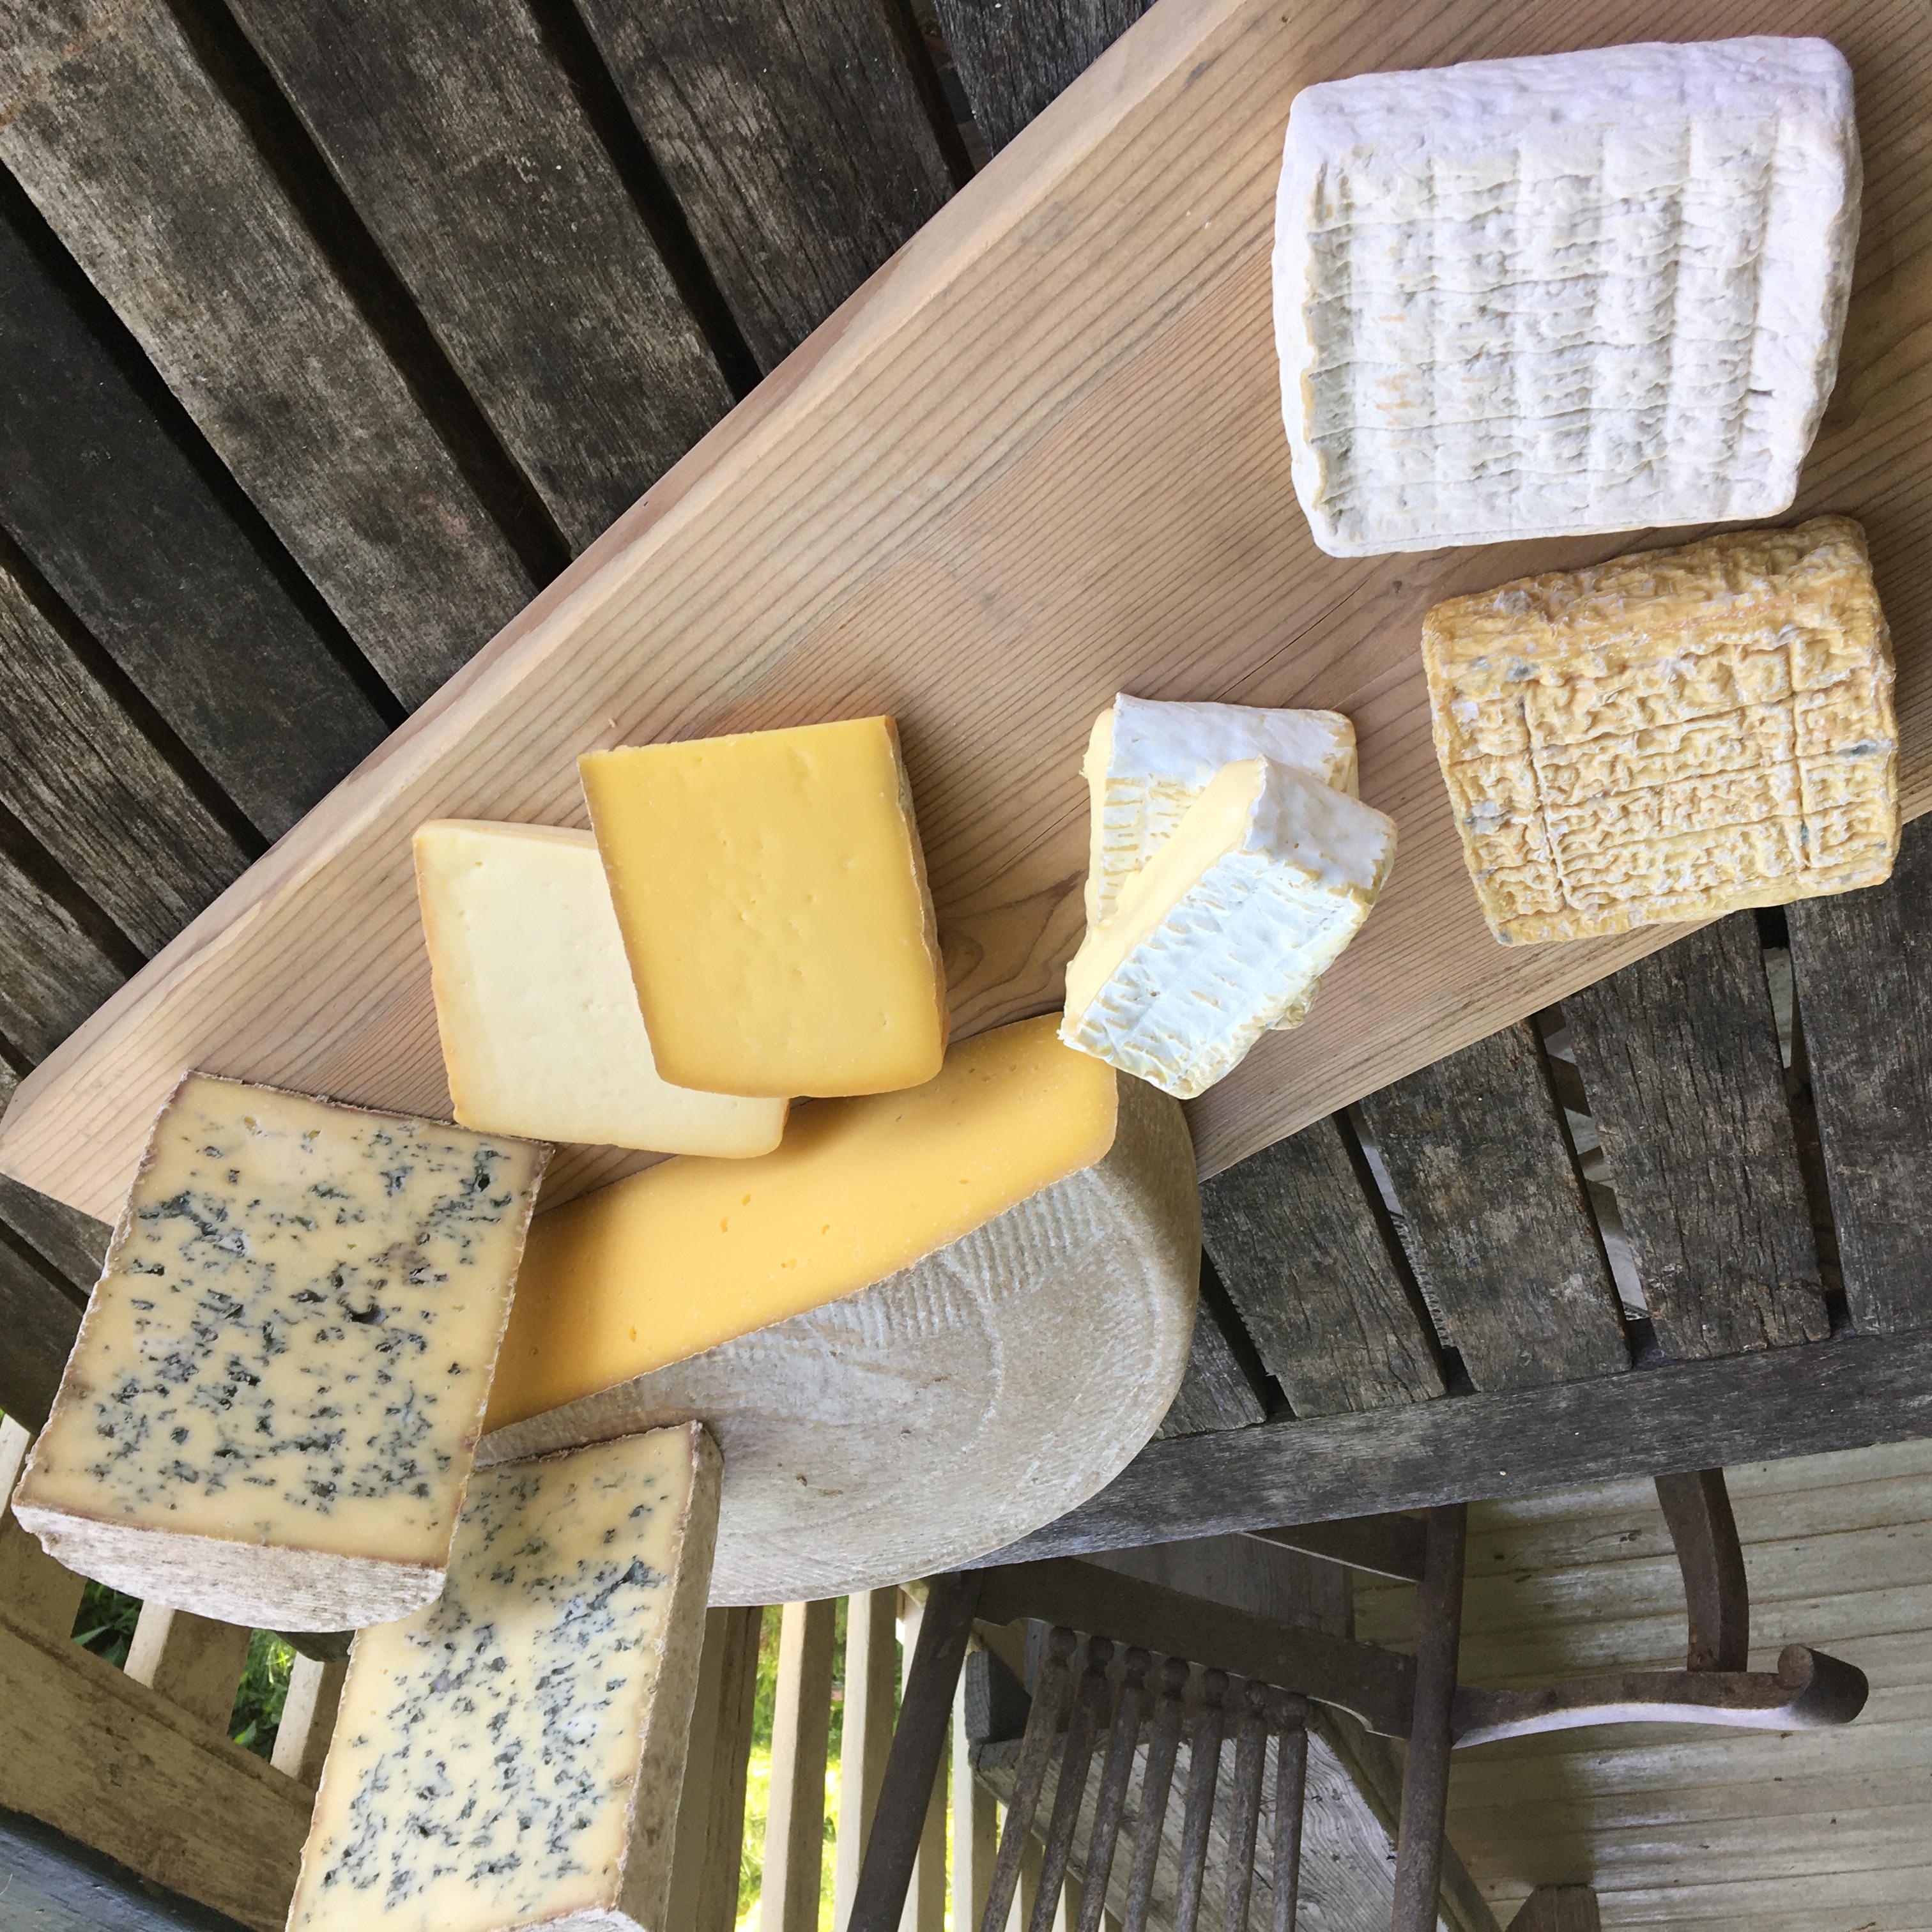 Winter 2021 Artisanal Cheese Share